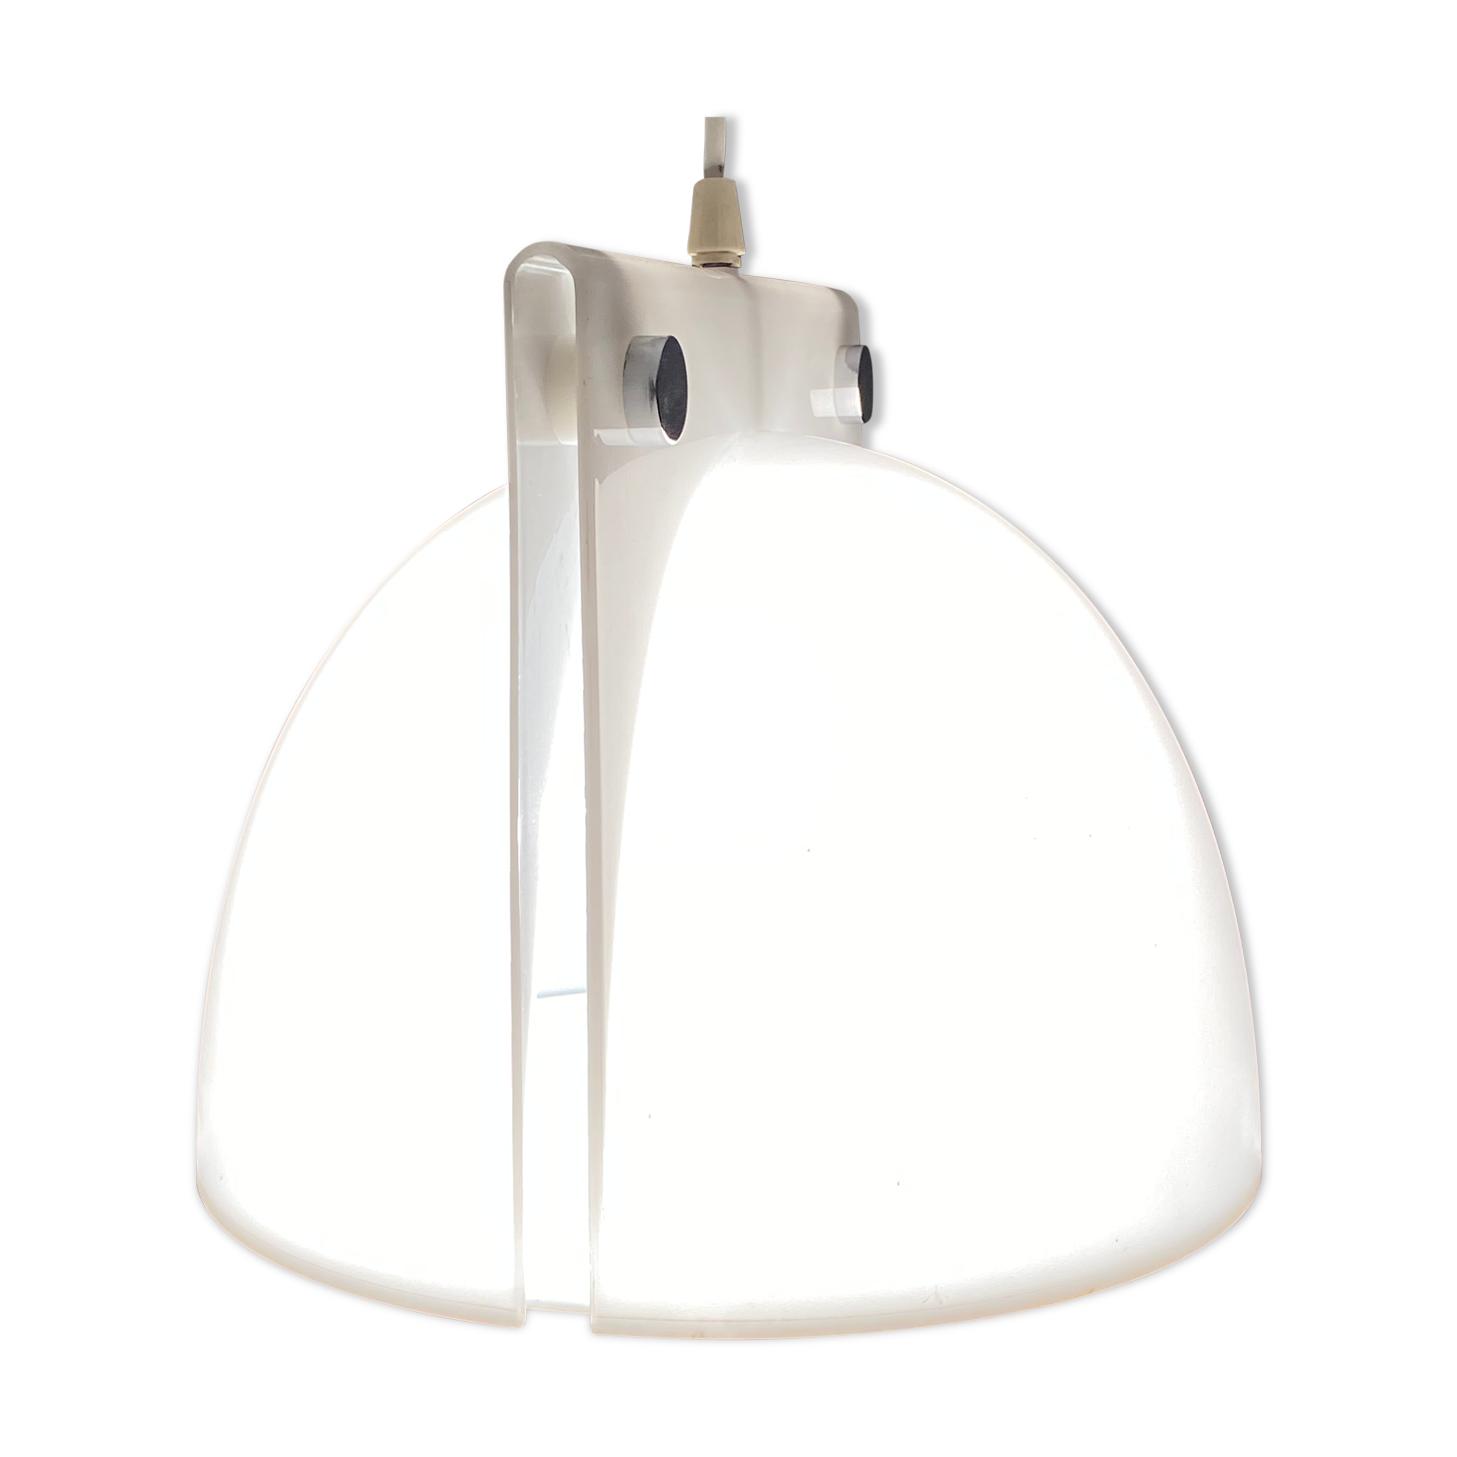 Suspension lampe Guzzini